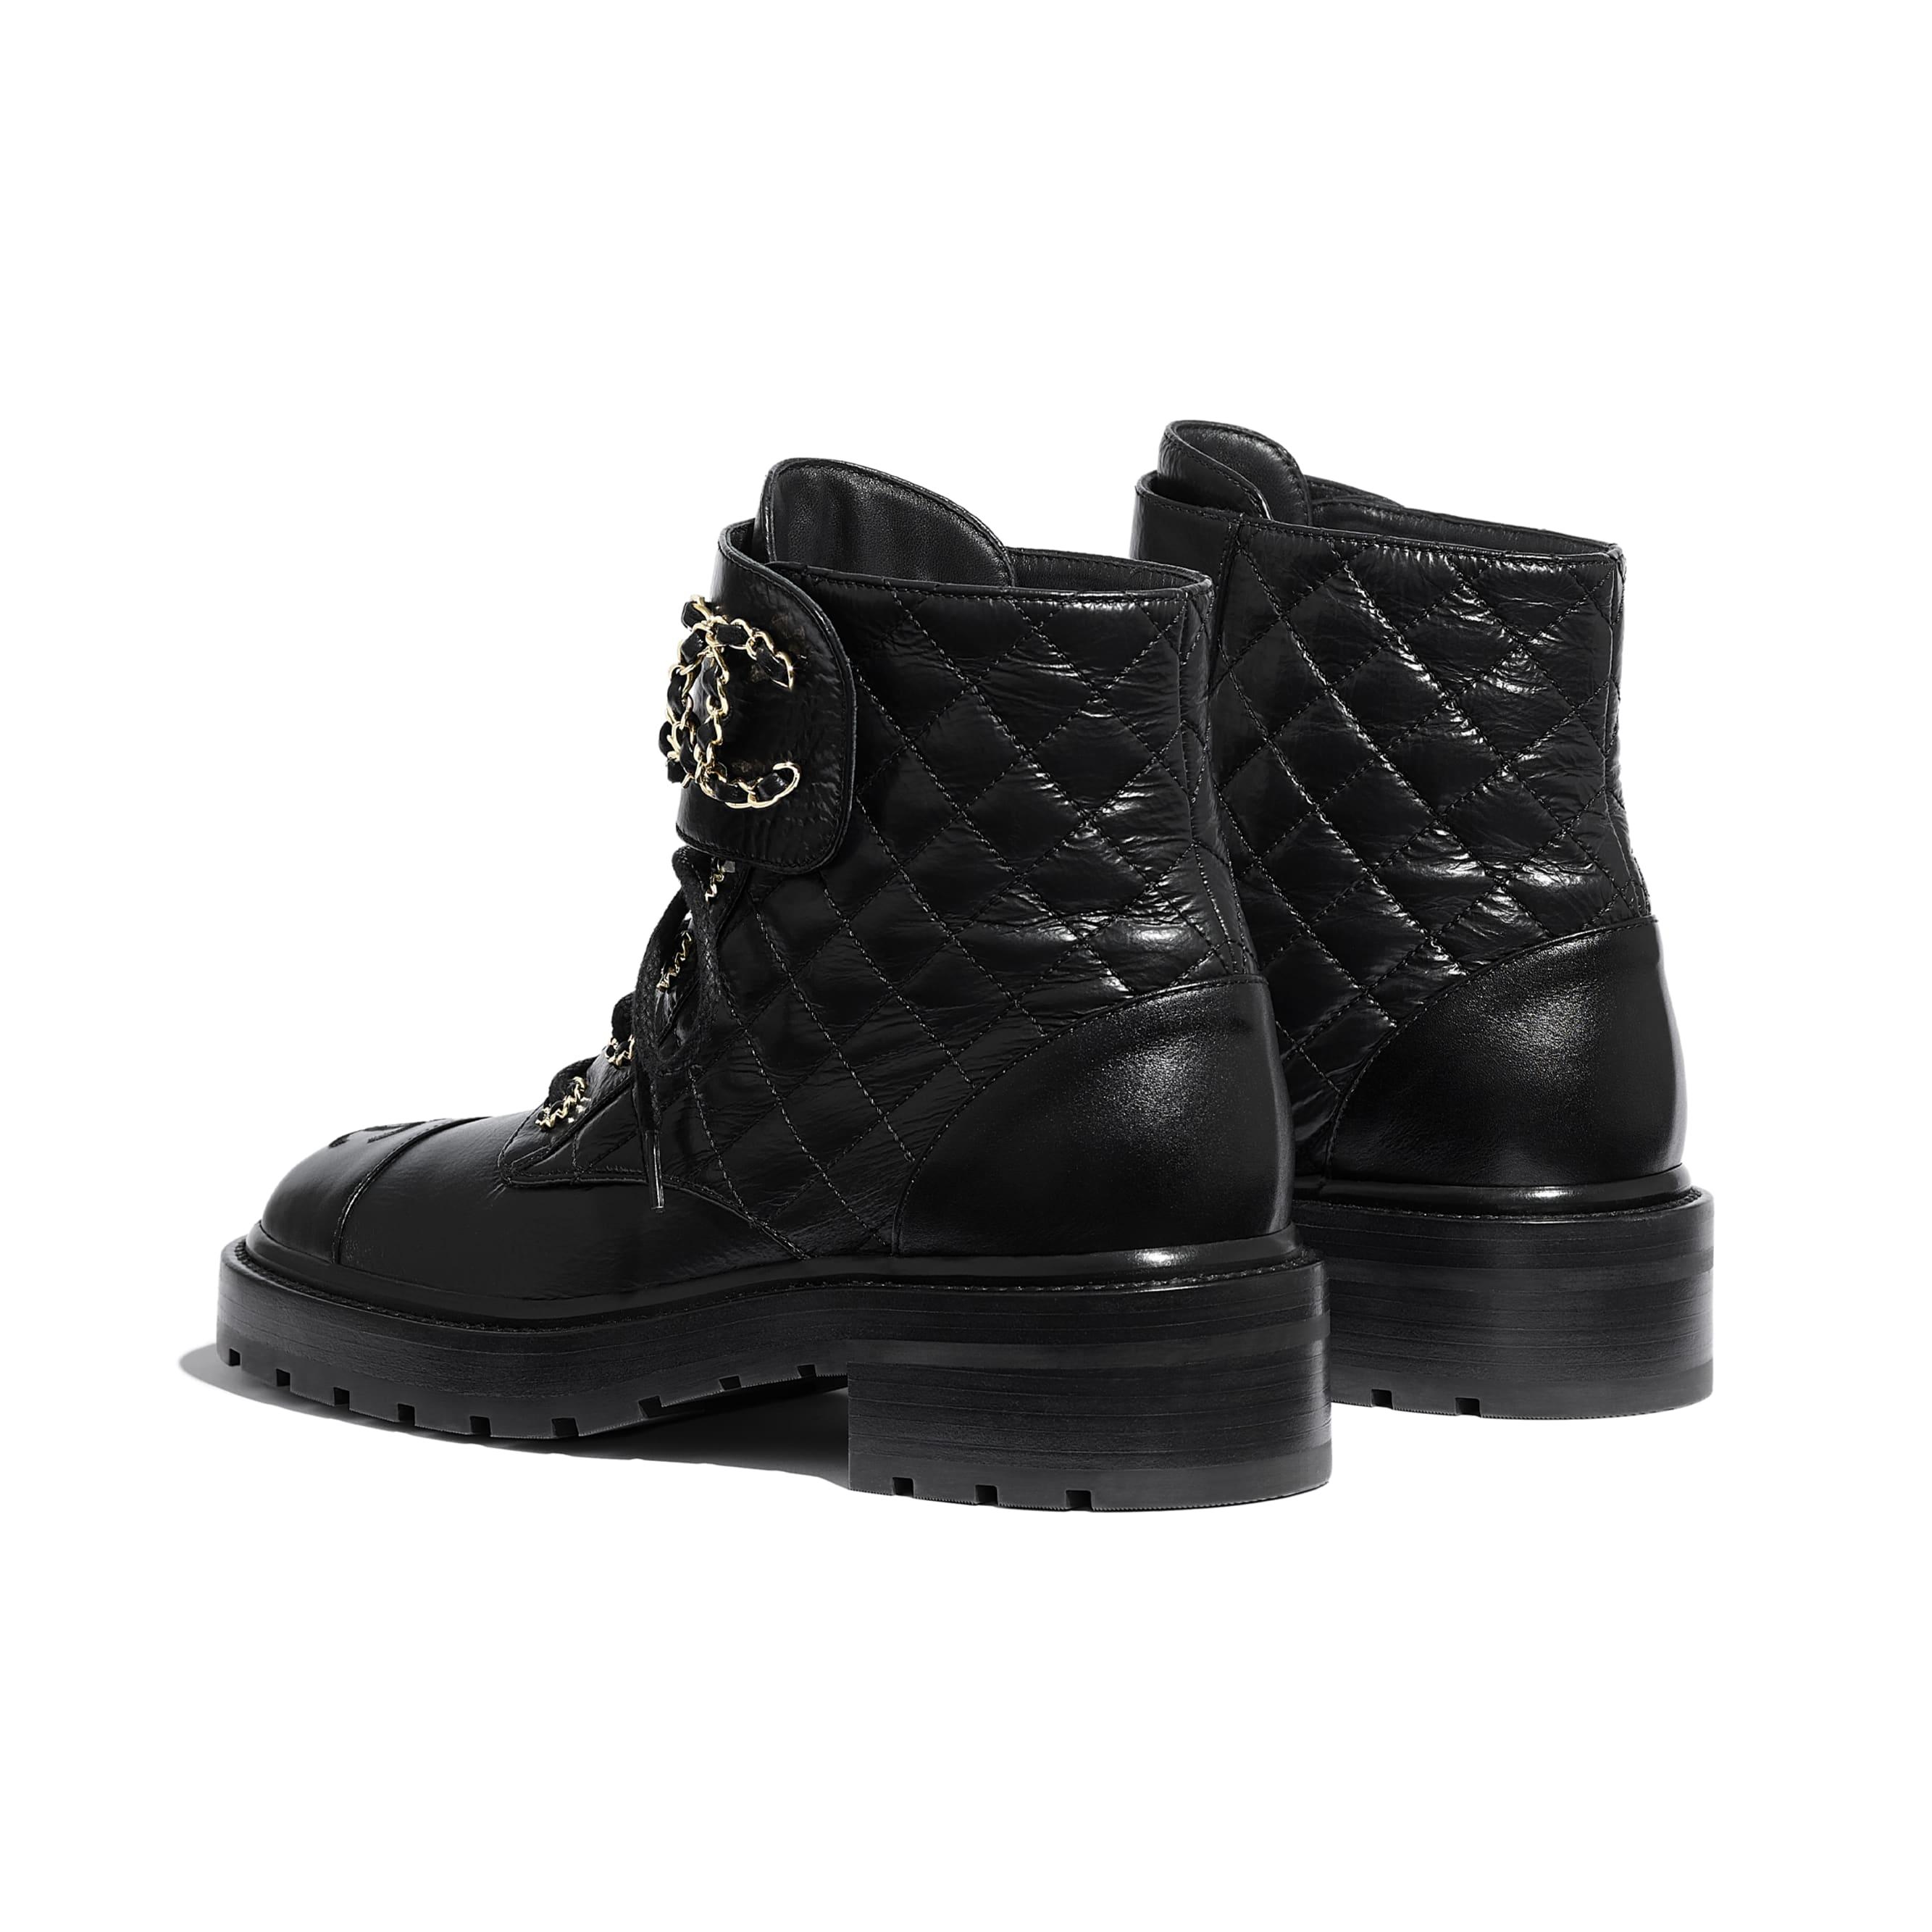 รองเท้าหุ้มส้นผูกเชือก - สีดำ - หนังแพะเคลือบเงาและหนังลูกวัว - CHANEL - มุมมองอื่น - ดูเวอร์ชันขนาดมาตรฐาน